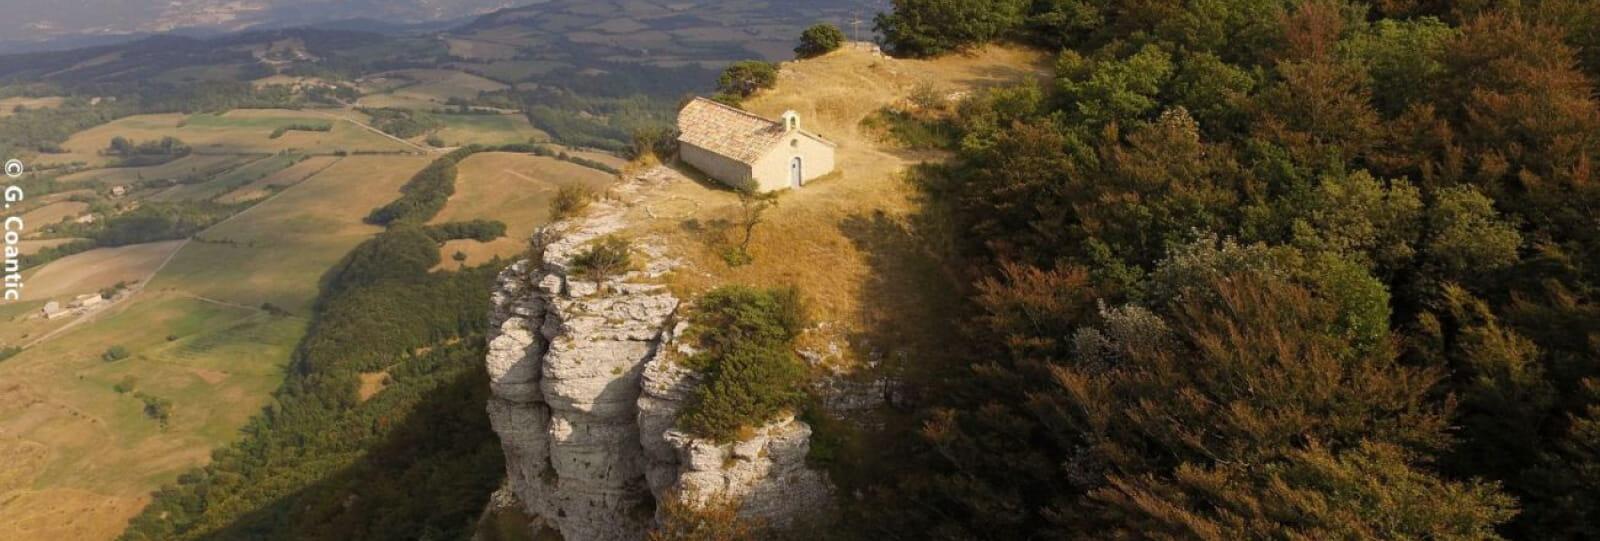 La chapelle de Saint-Maurice